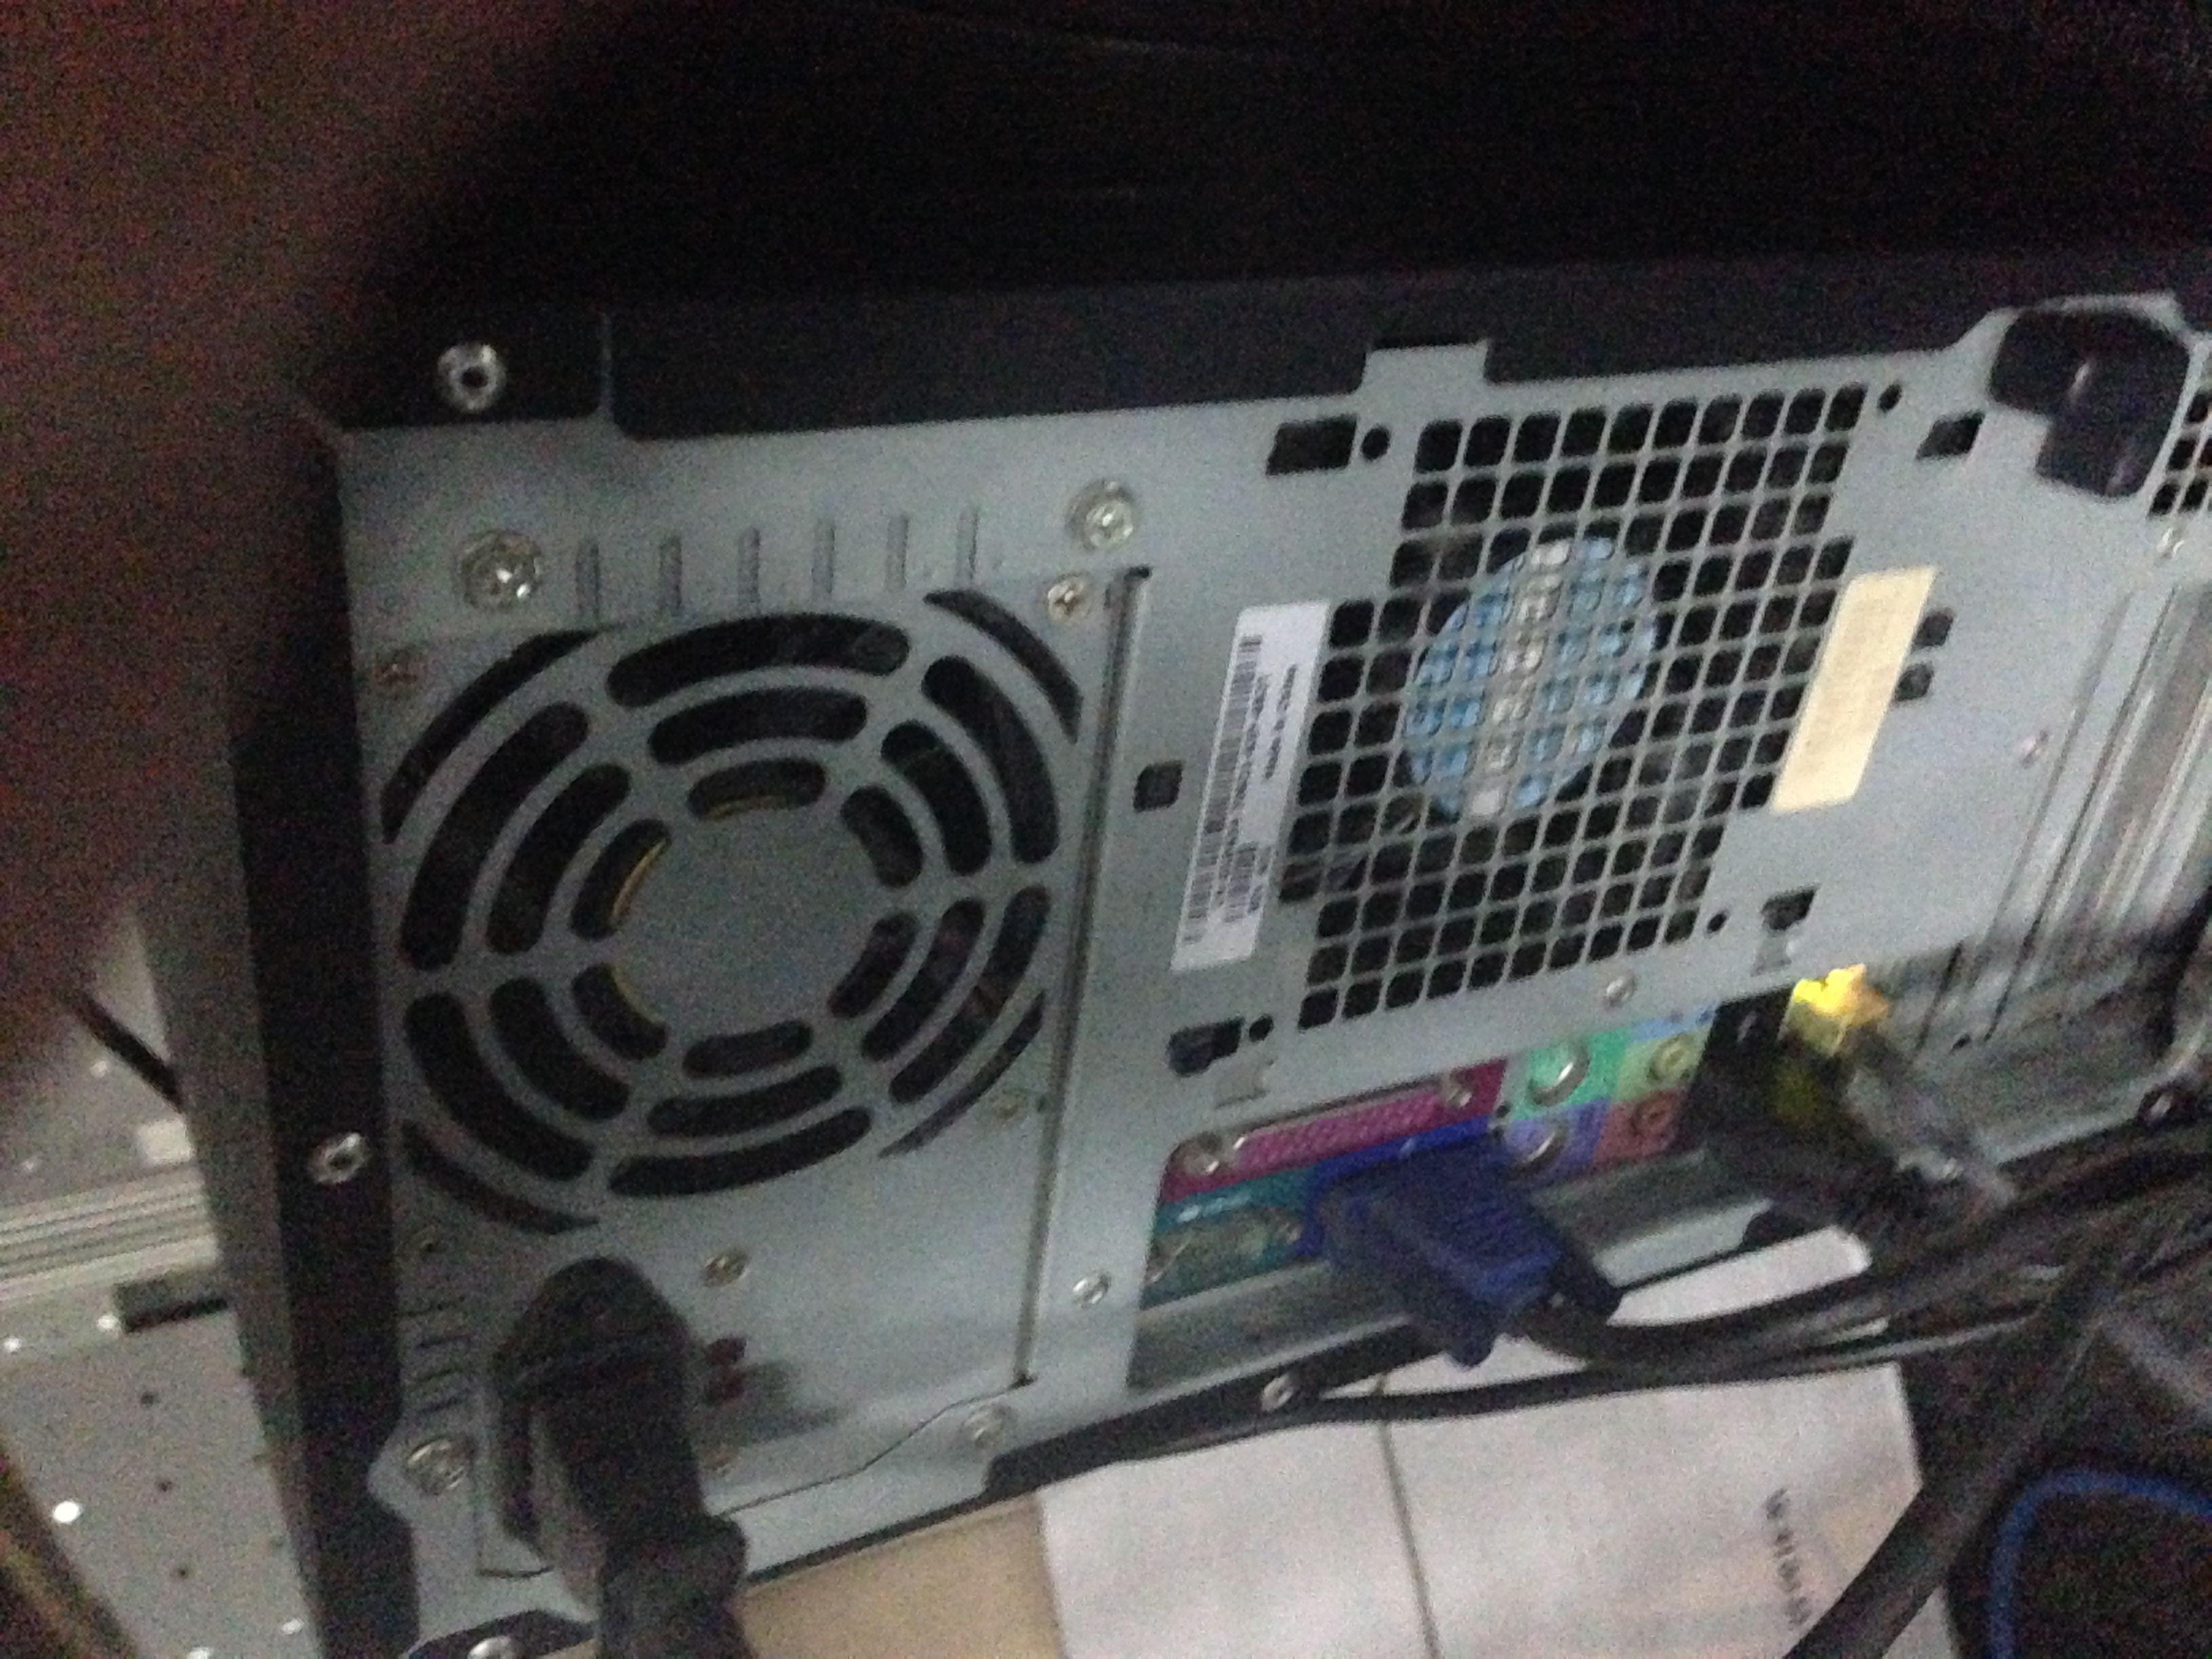 戴尔电脑主机怎么拆_戴尔台式电脑主机箱如何拆开_百度知道